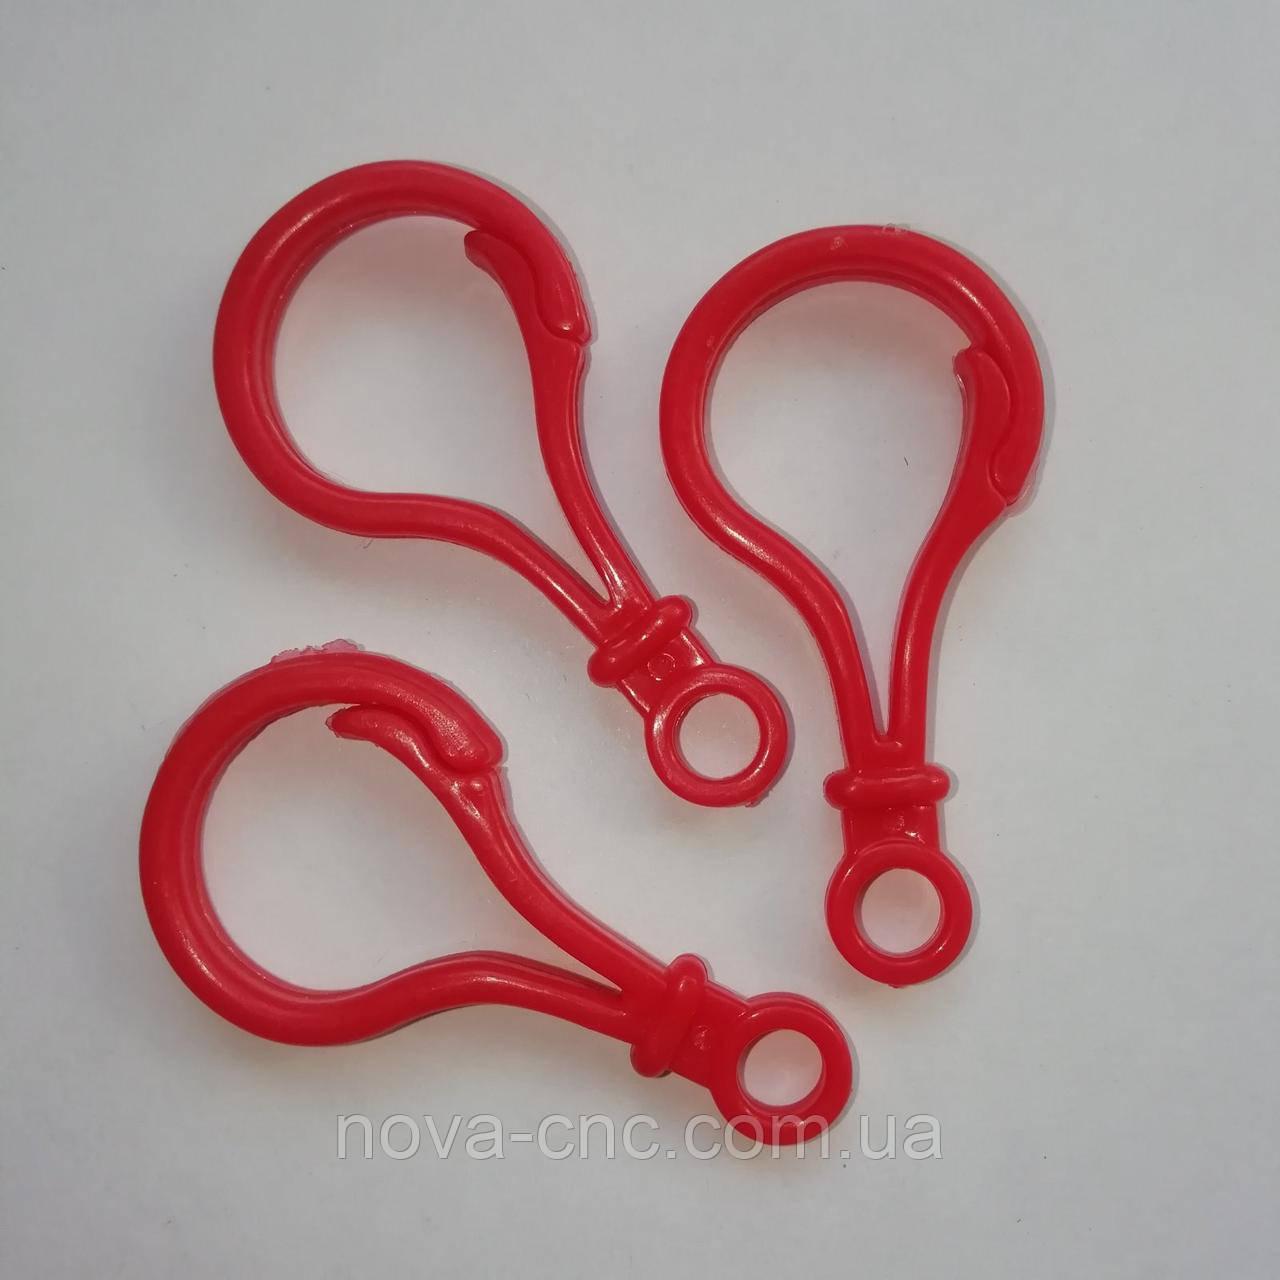 Карабин Пластиковый Заготовка для бизиборда 5 см красный